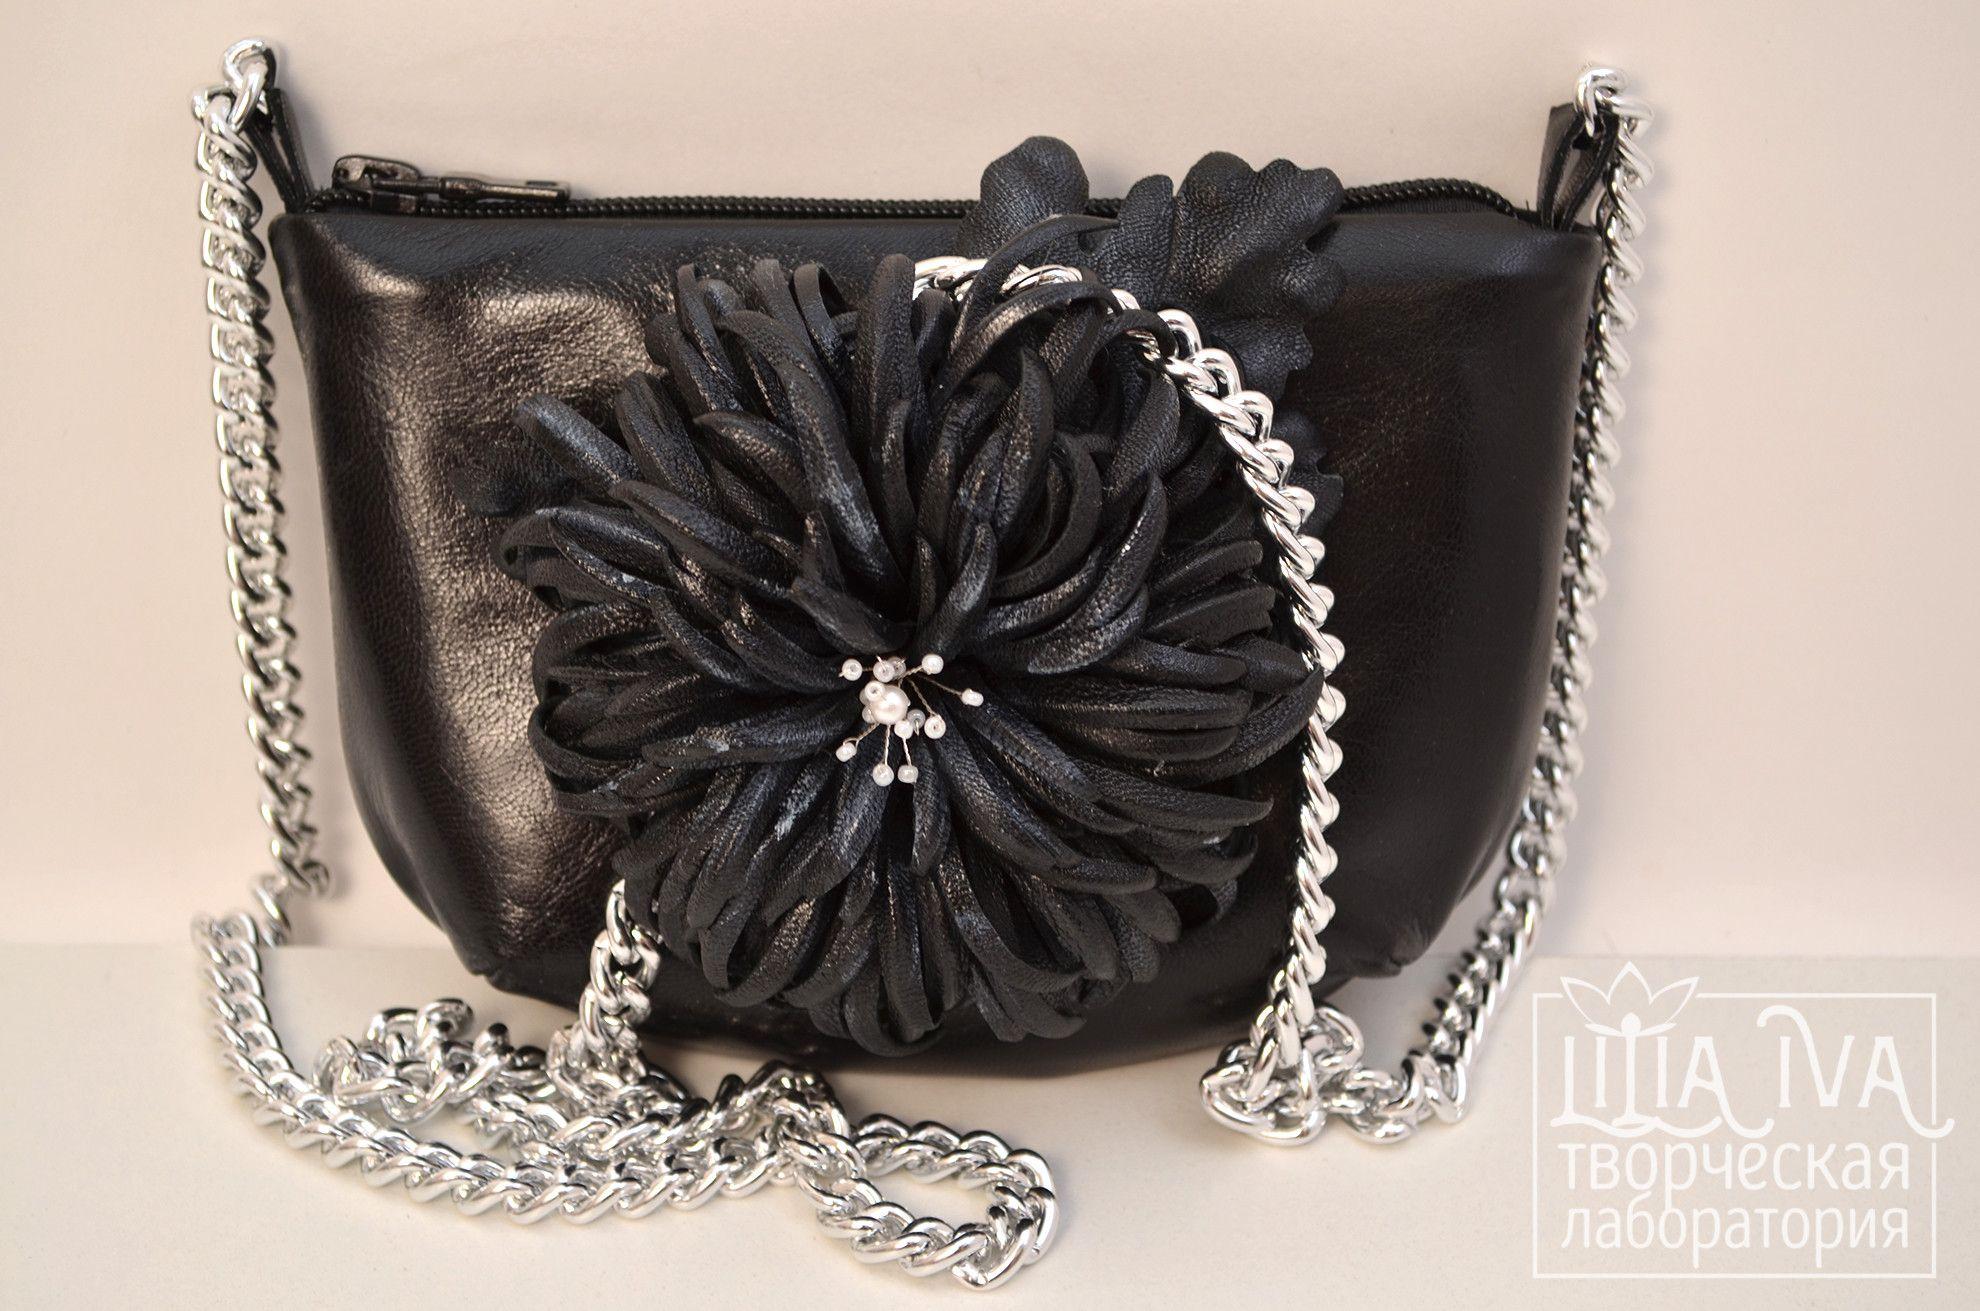 caa5907cb354 Представляю вашему вниманию маленькую сумочку из натуральной кожи чёрного  цвета на серебряной цепочке. Сумку украшает